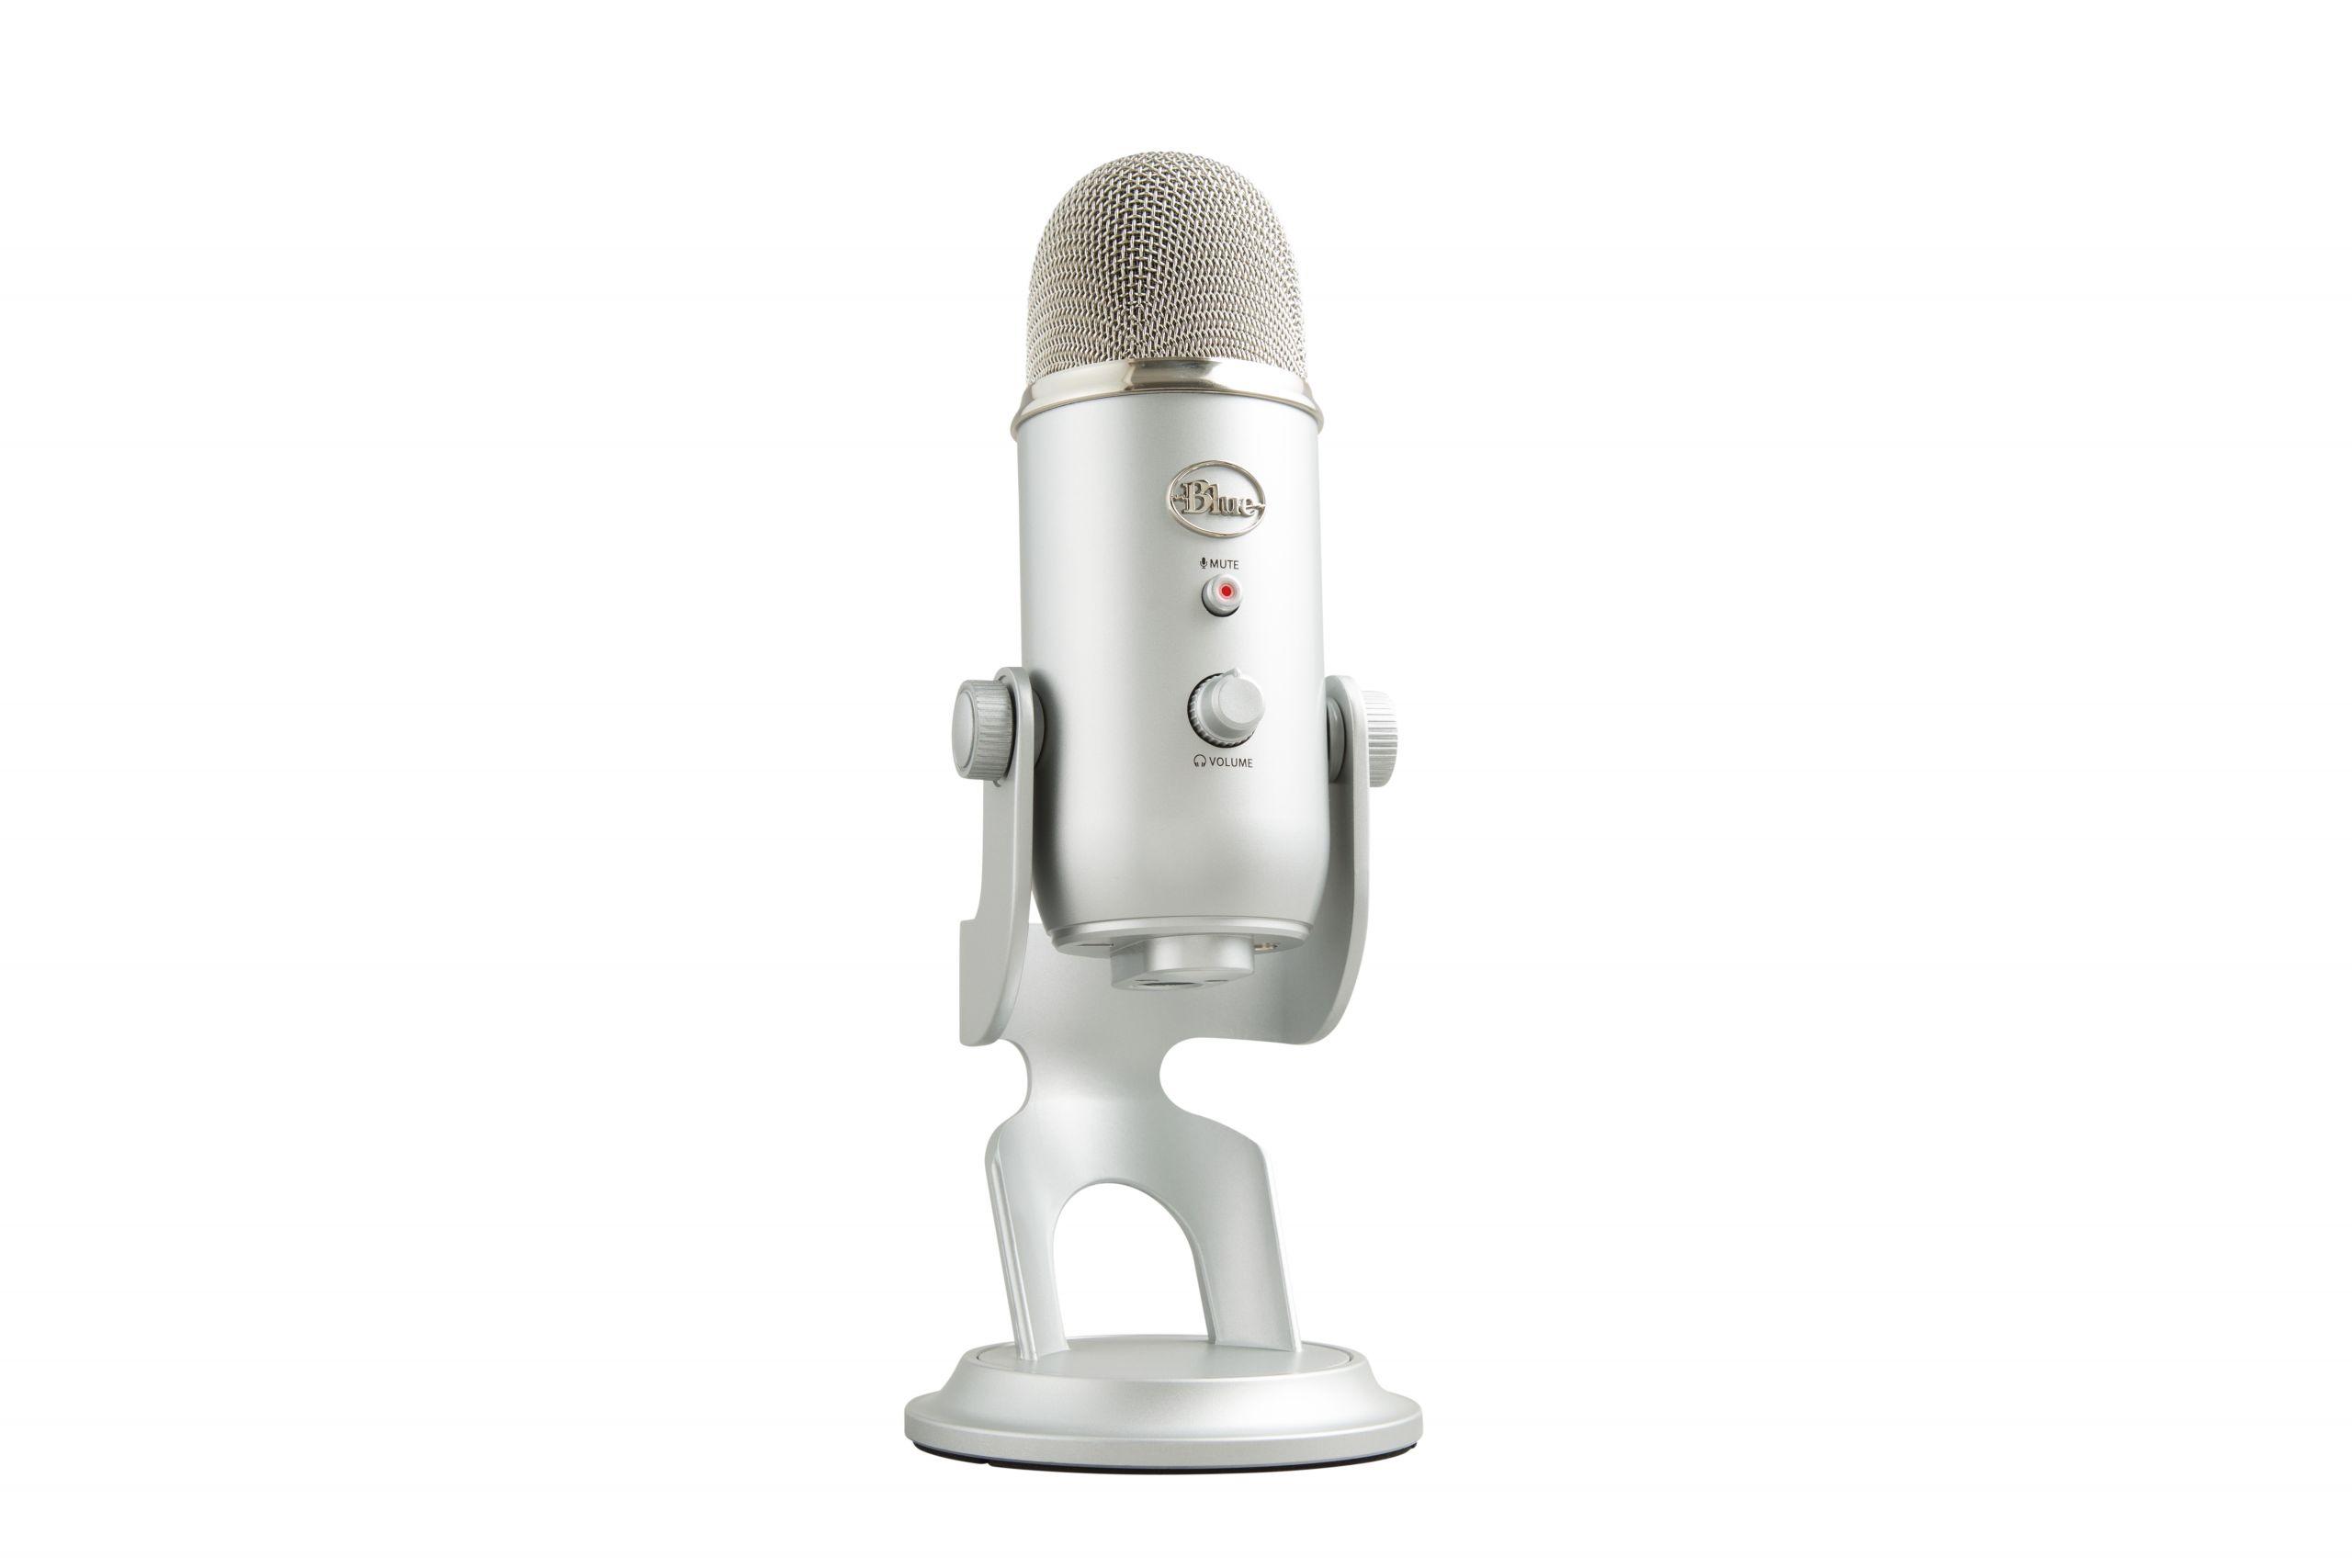 Blue Microphones выпустили в России флагманский USB-микрофон Yeti Blue Microphones выпустили в России флагманский USB-микрофон Yeti